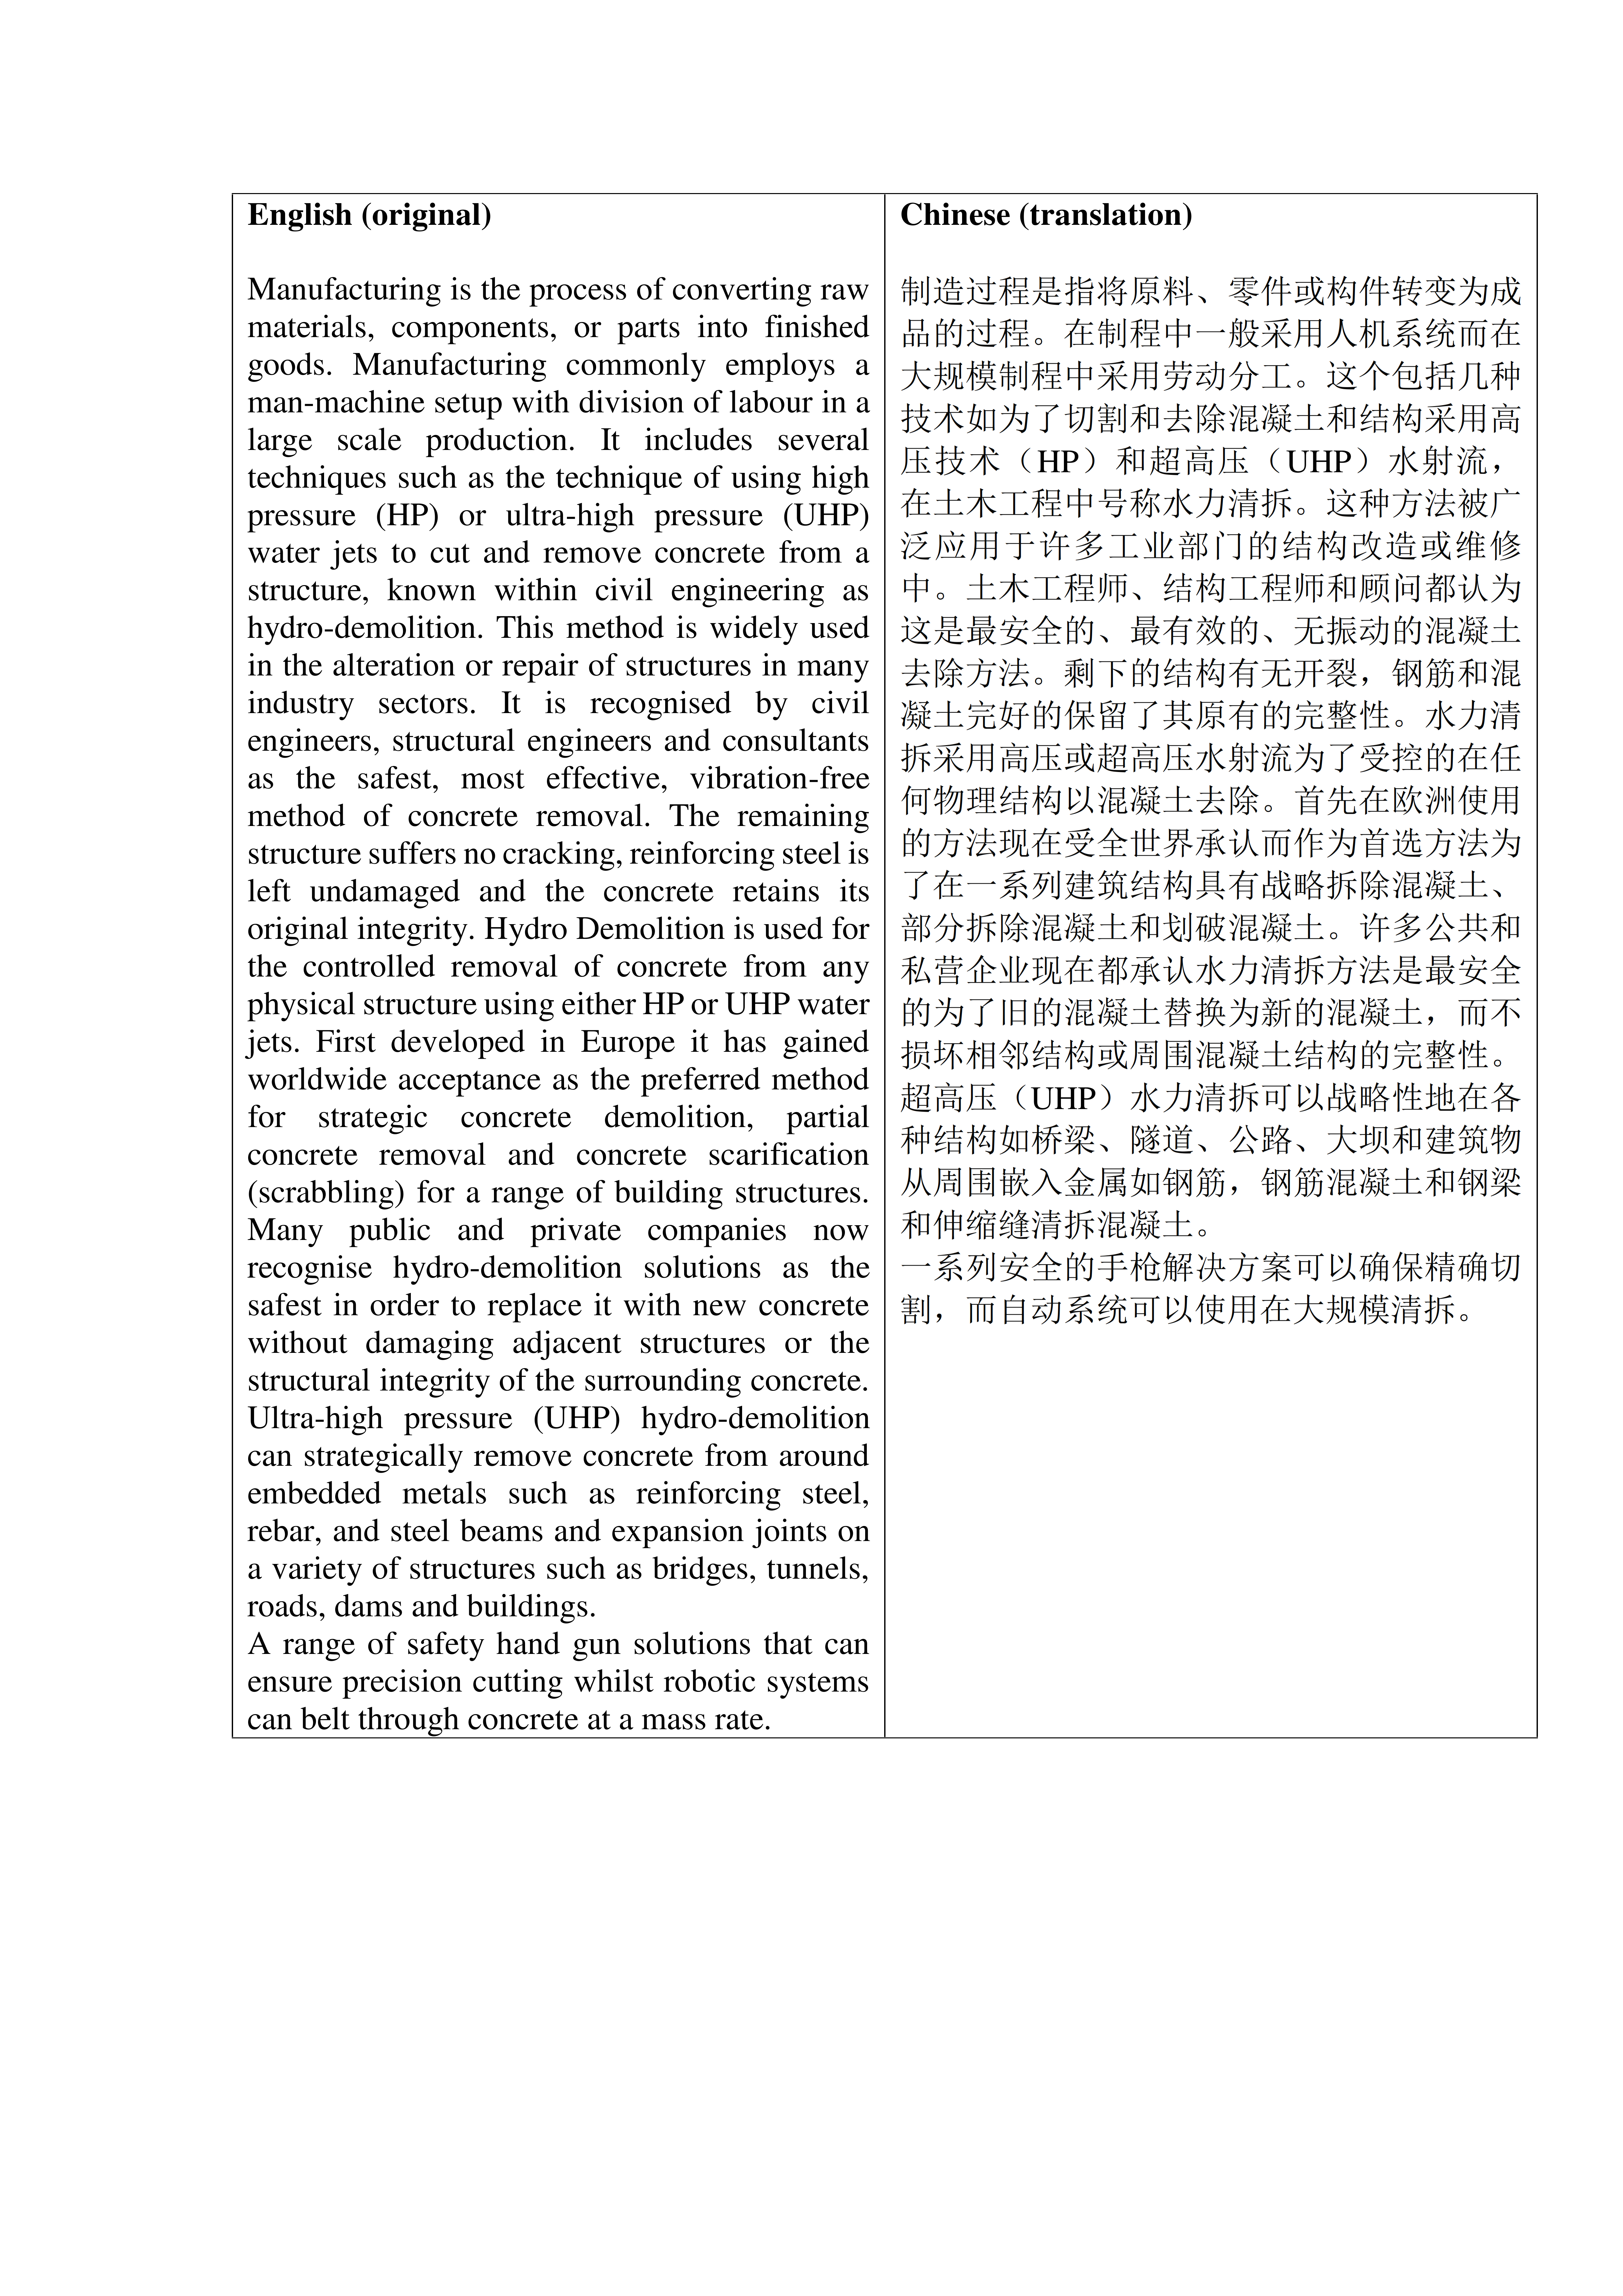 Английский - китайский: производство